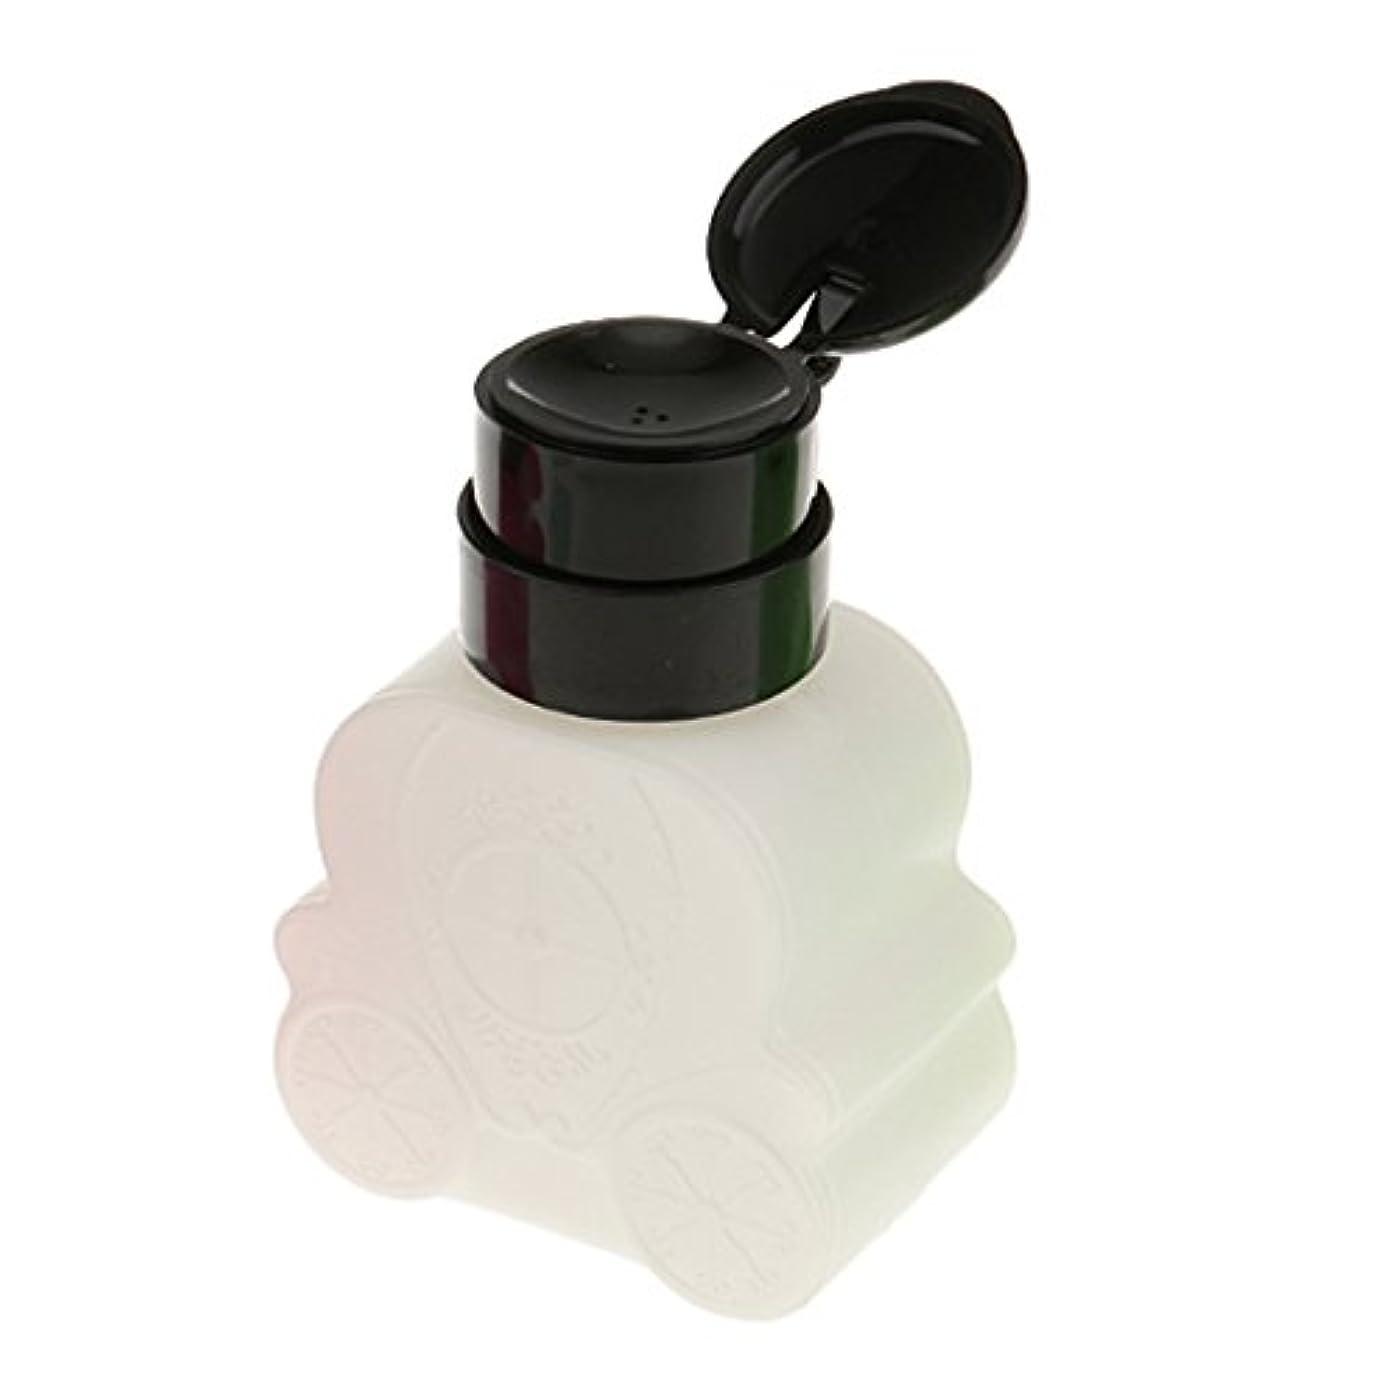 徒歩でぬれた少ないSM SunniMix ネイルクリーナーボトル ネイルクリーナーボトル ポンプ